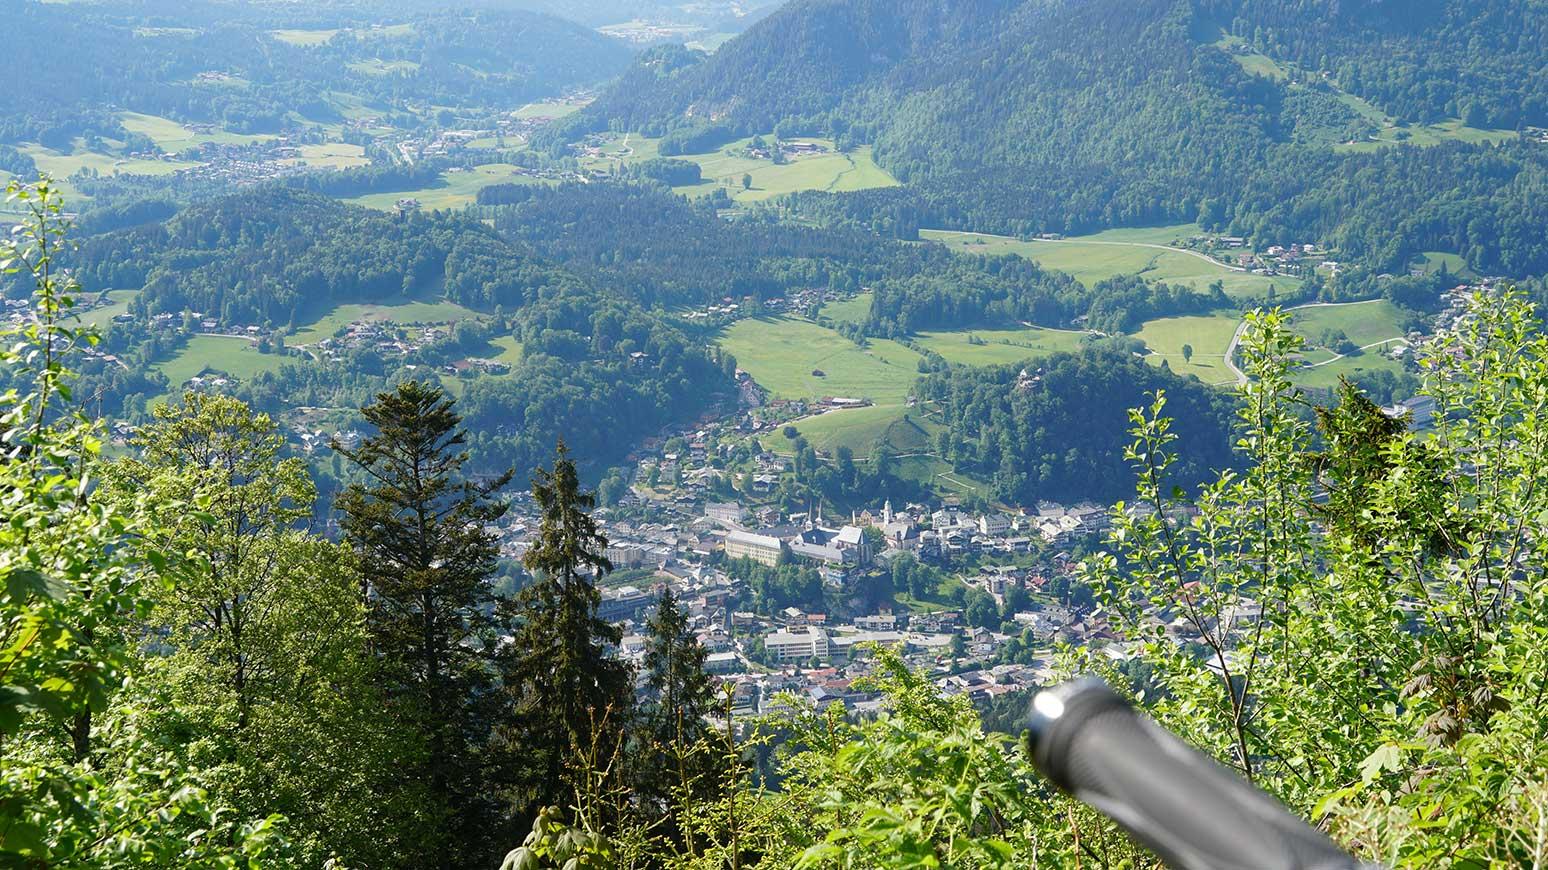 Blick auf Berchtesgaden und seine Kirchen in der Oberstadt